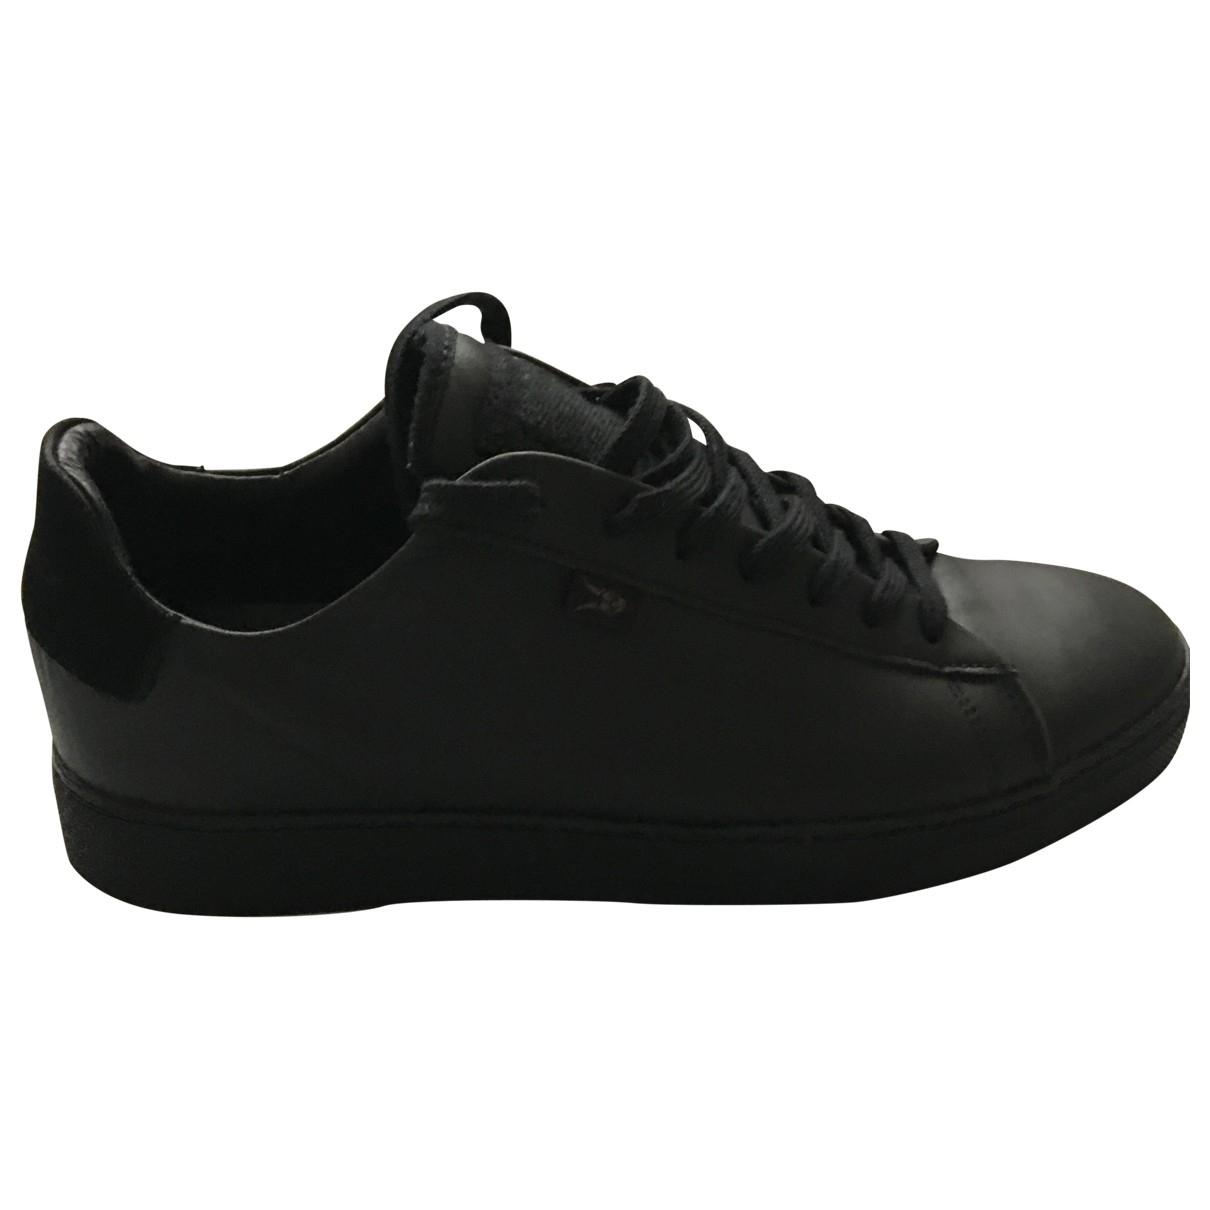 All Saints - Baskets   pour homme en cuir - noir